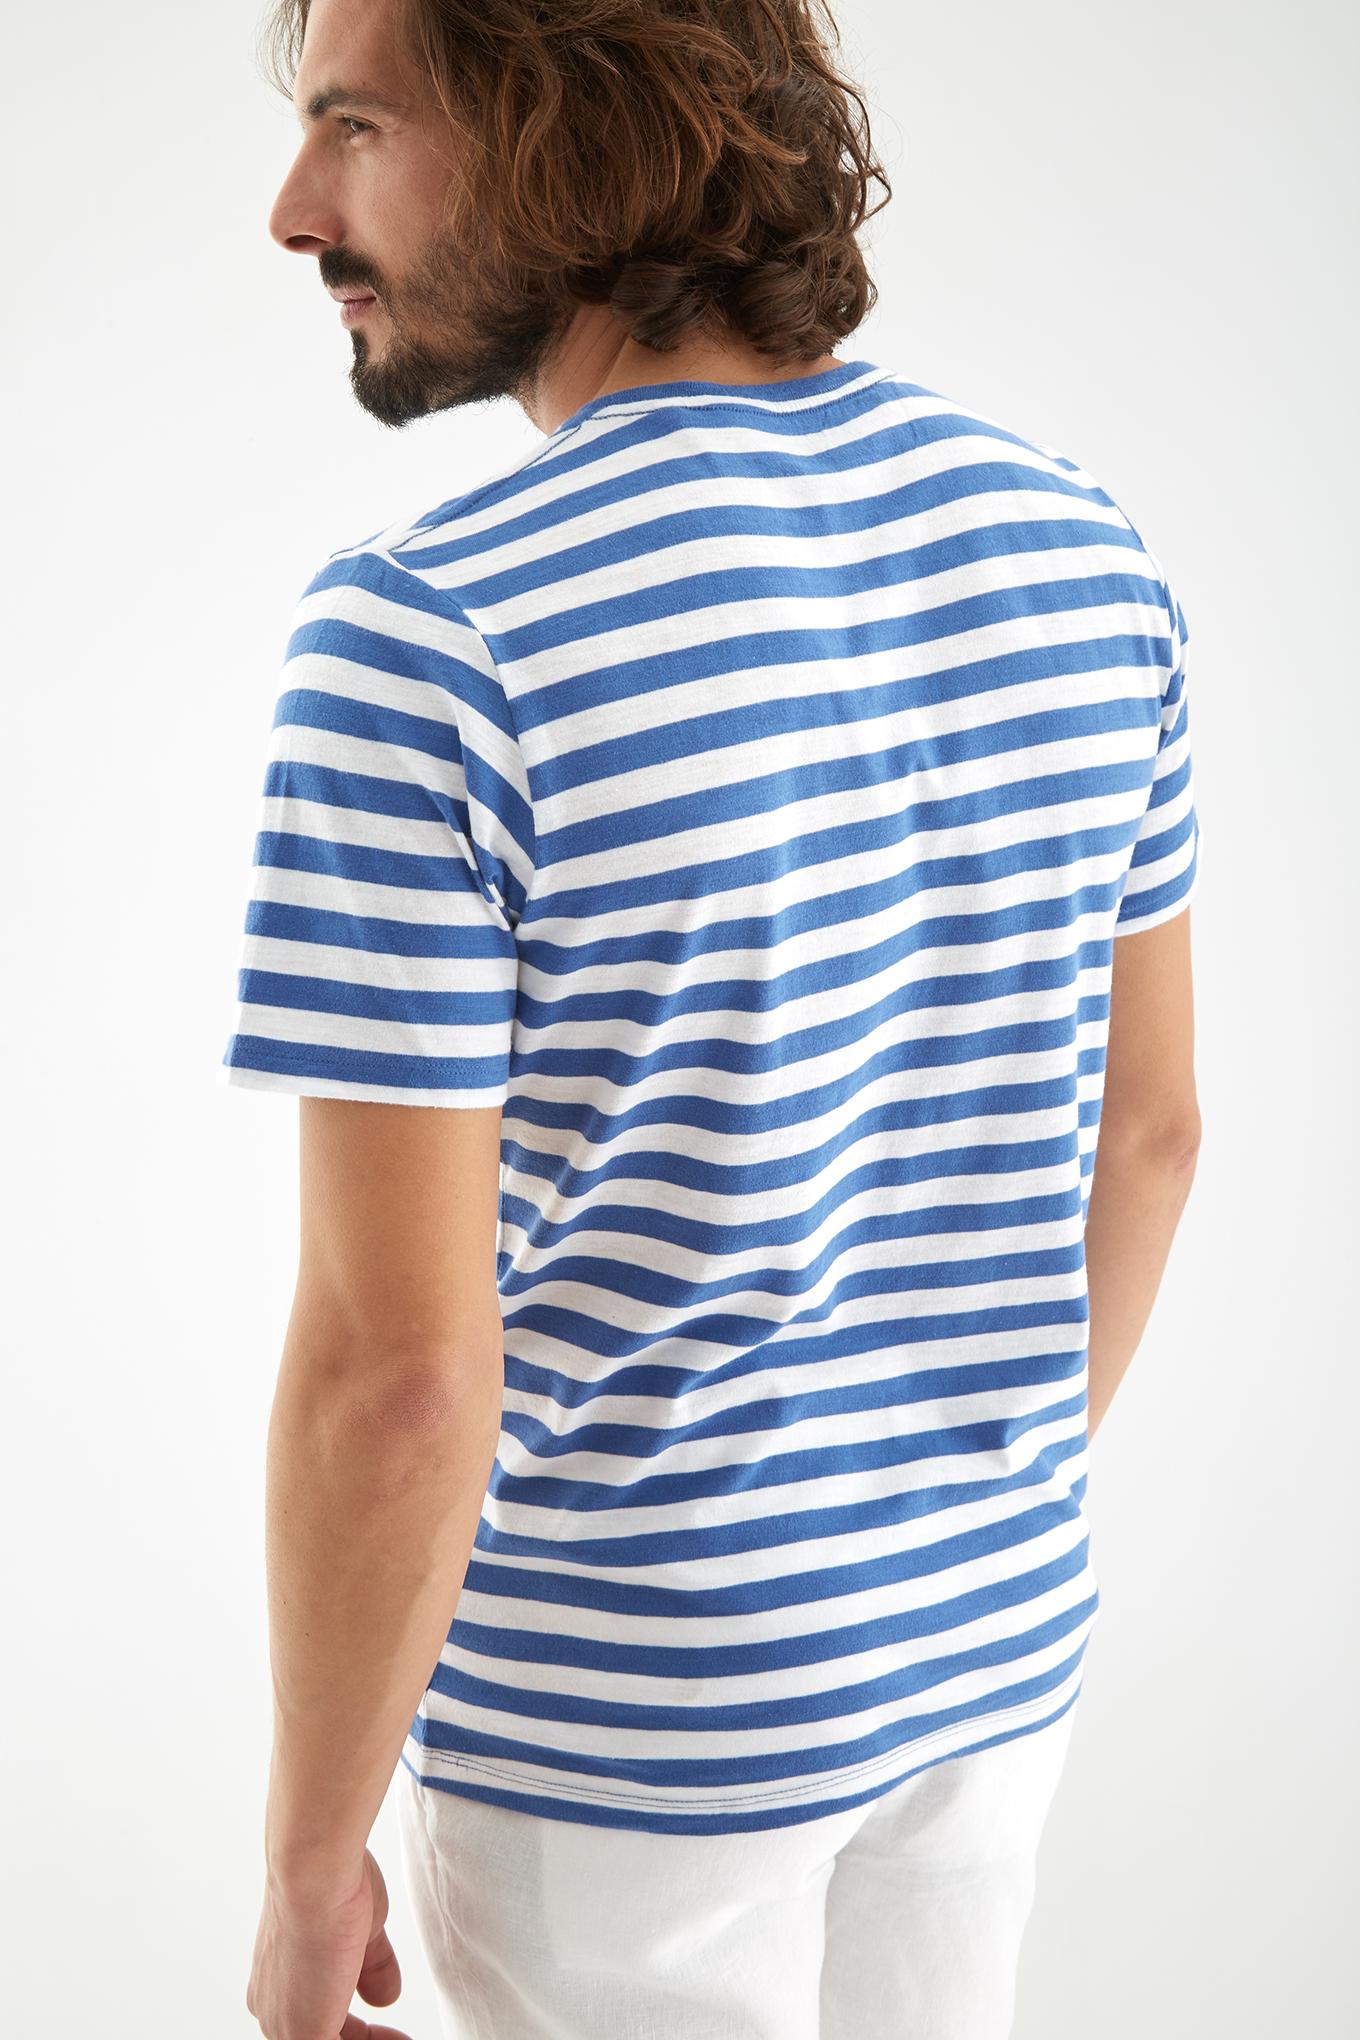 T-Shirt Azul Sport Homem